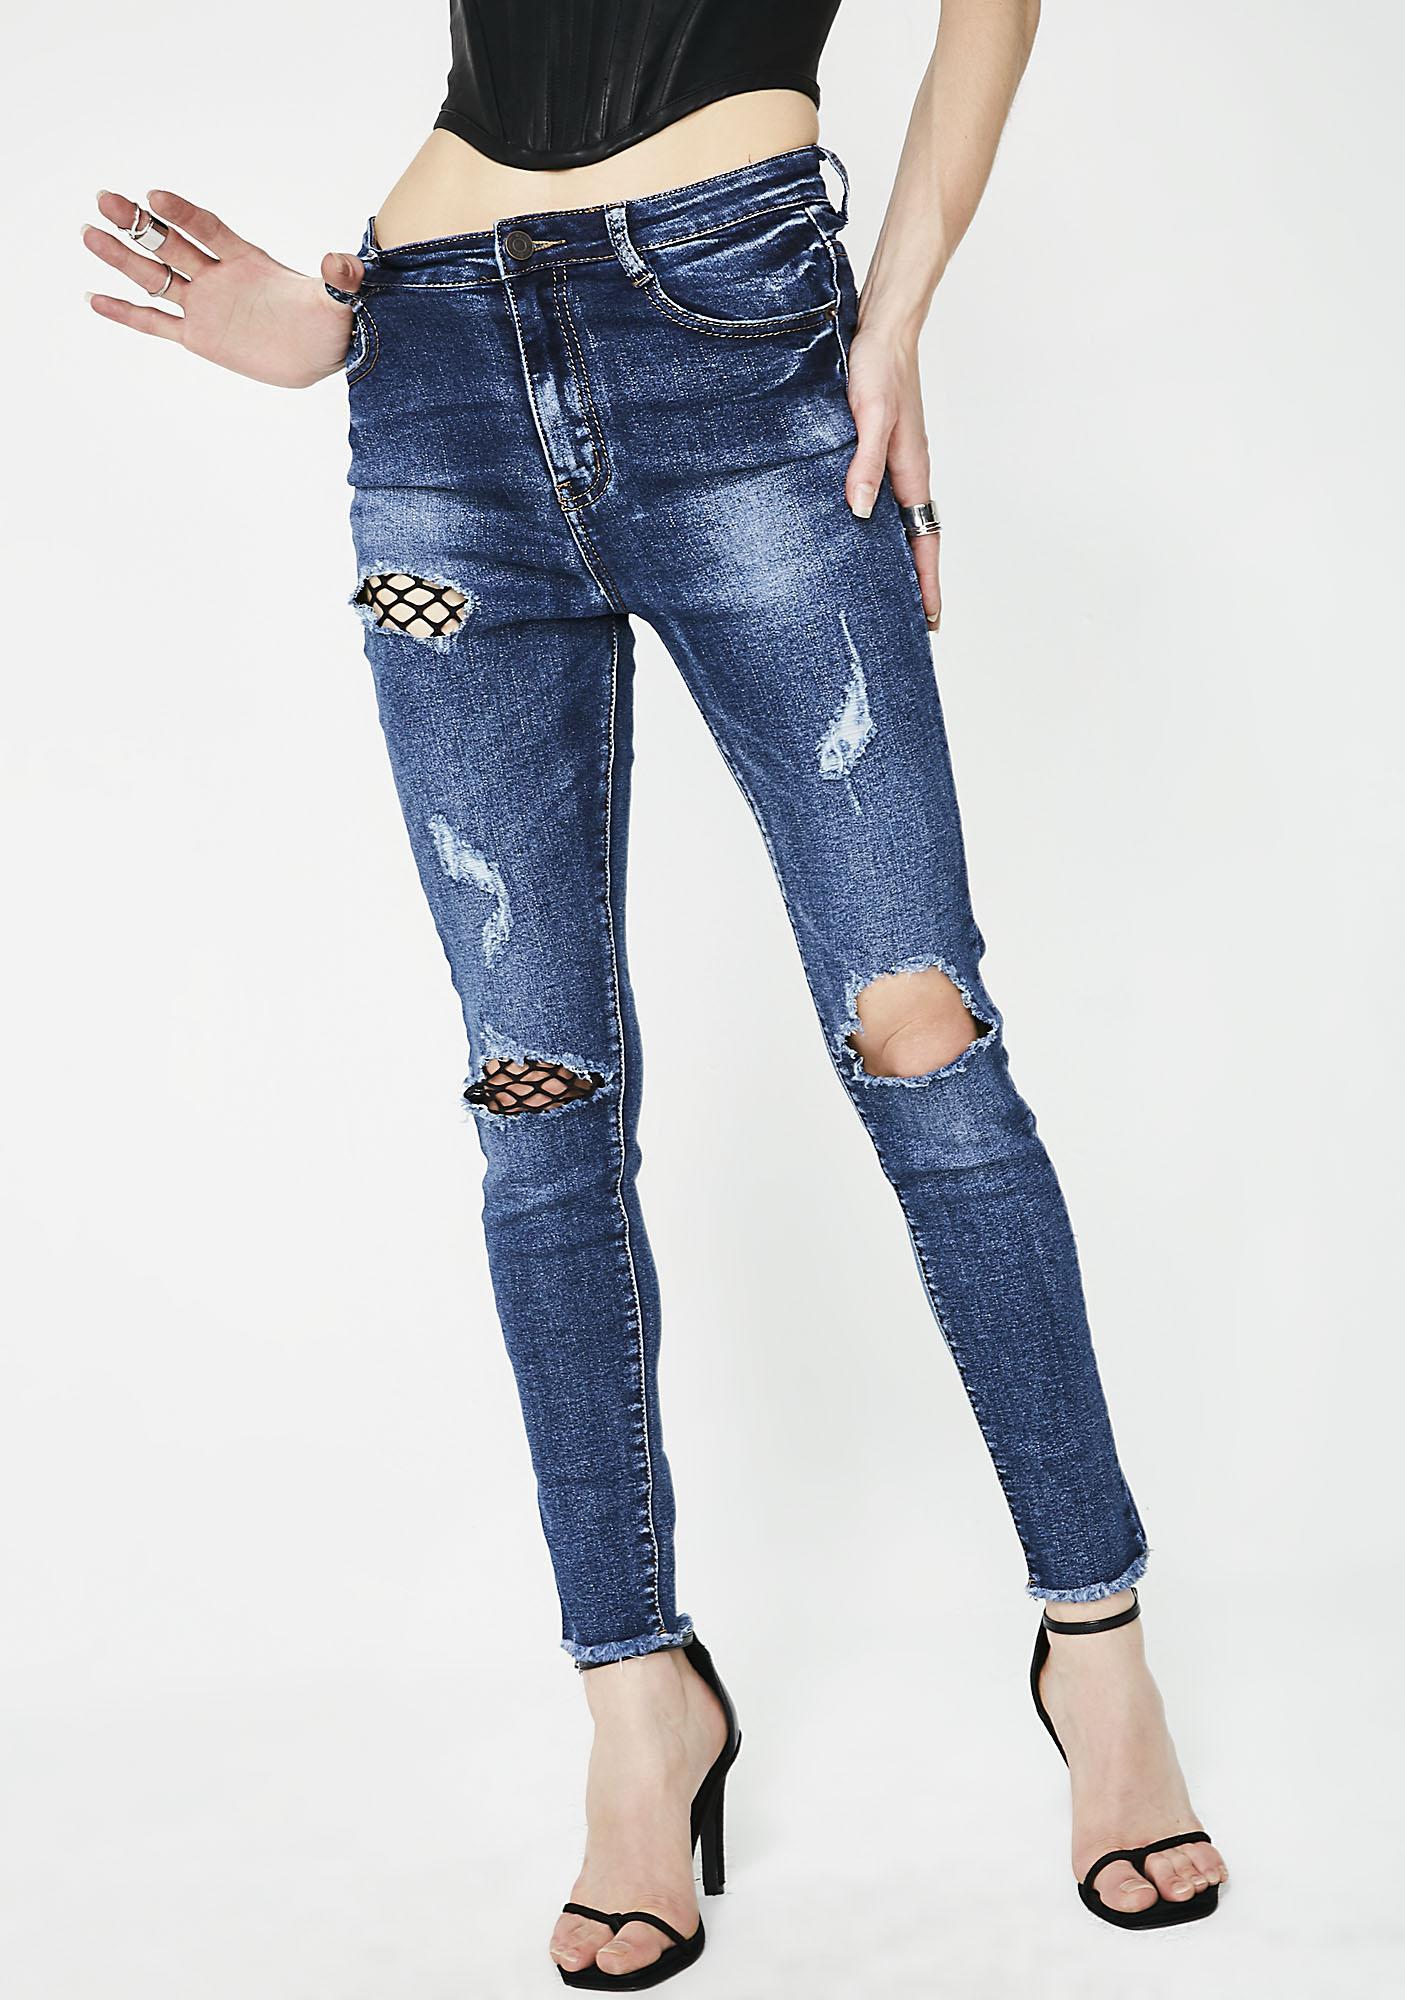 Momokrom Fishnet Jeans